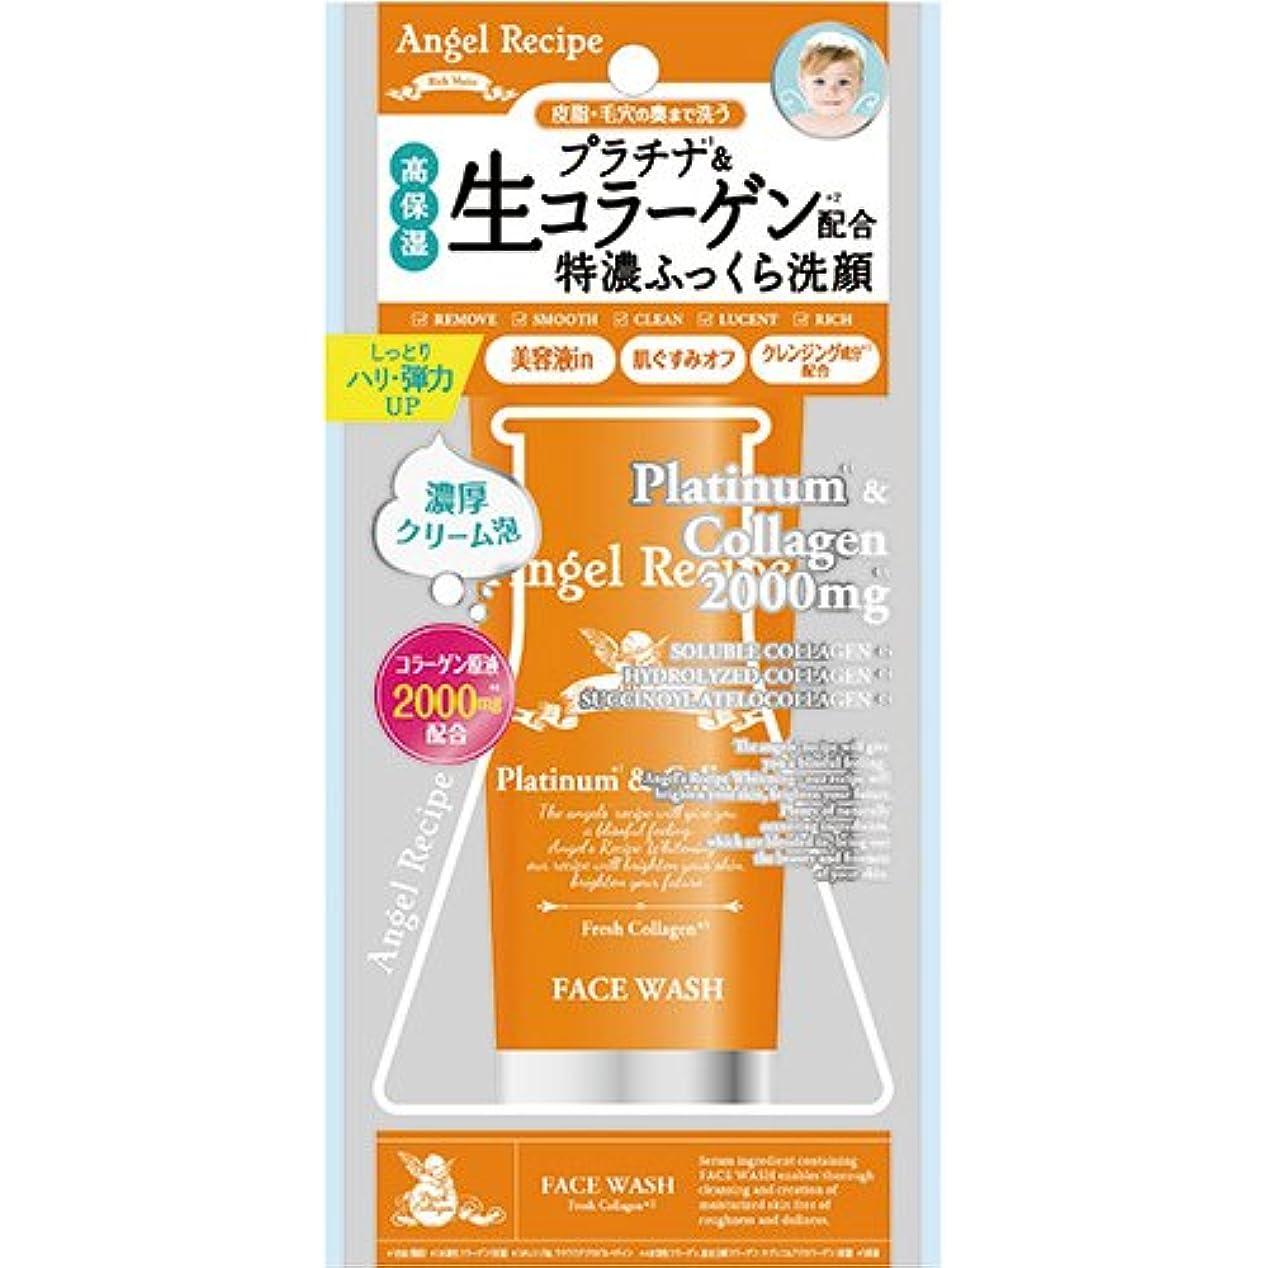 対称晩ごはん感謝祭AngelRecipe エンジェルレシピ リッチモイスト 洗顔フォーム 90g